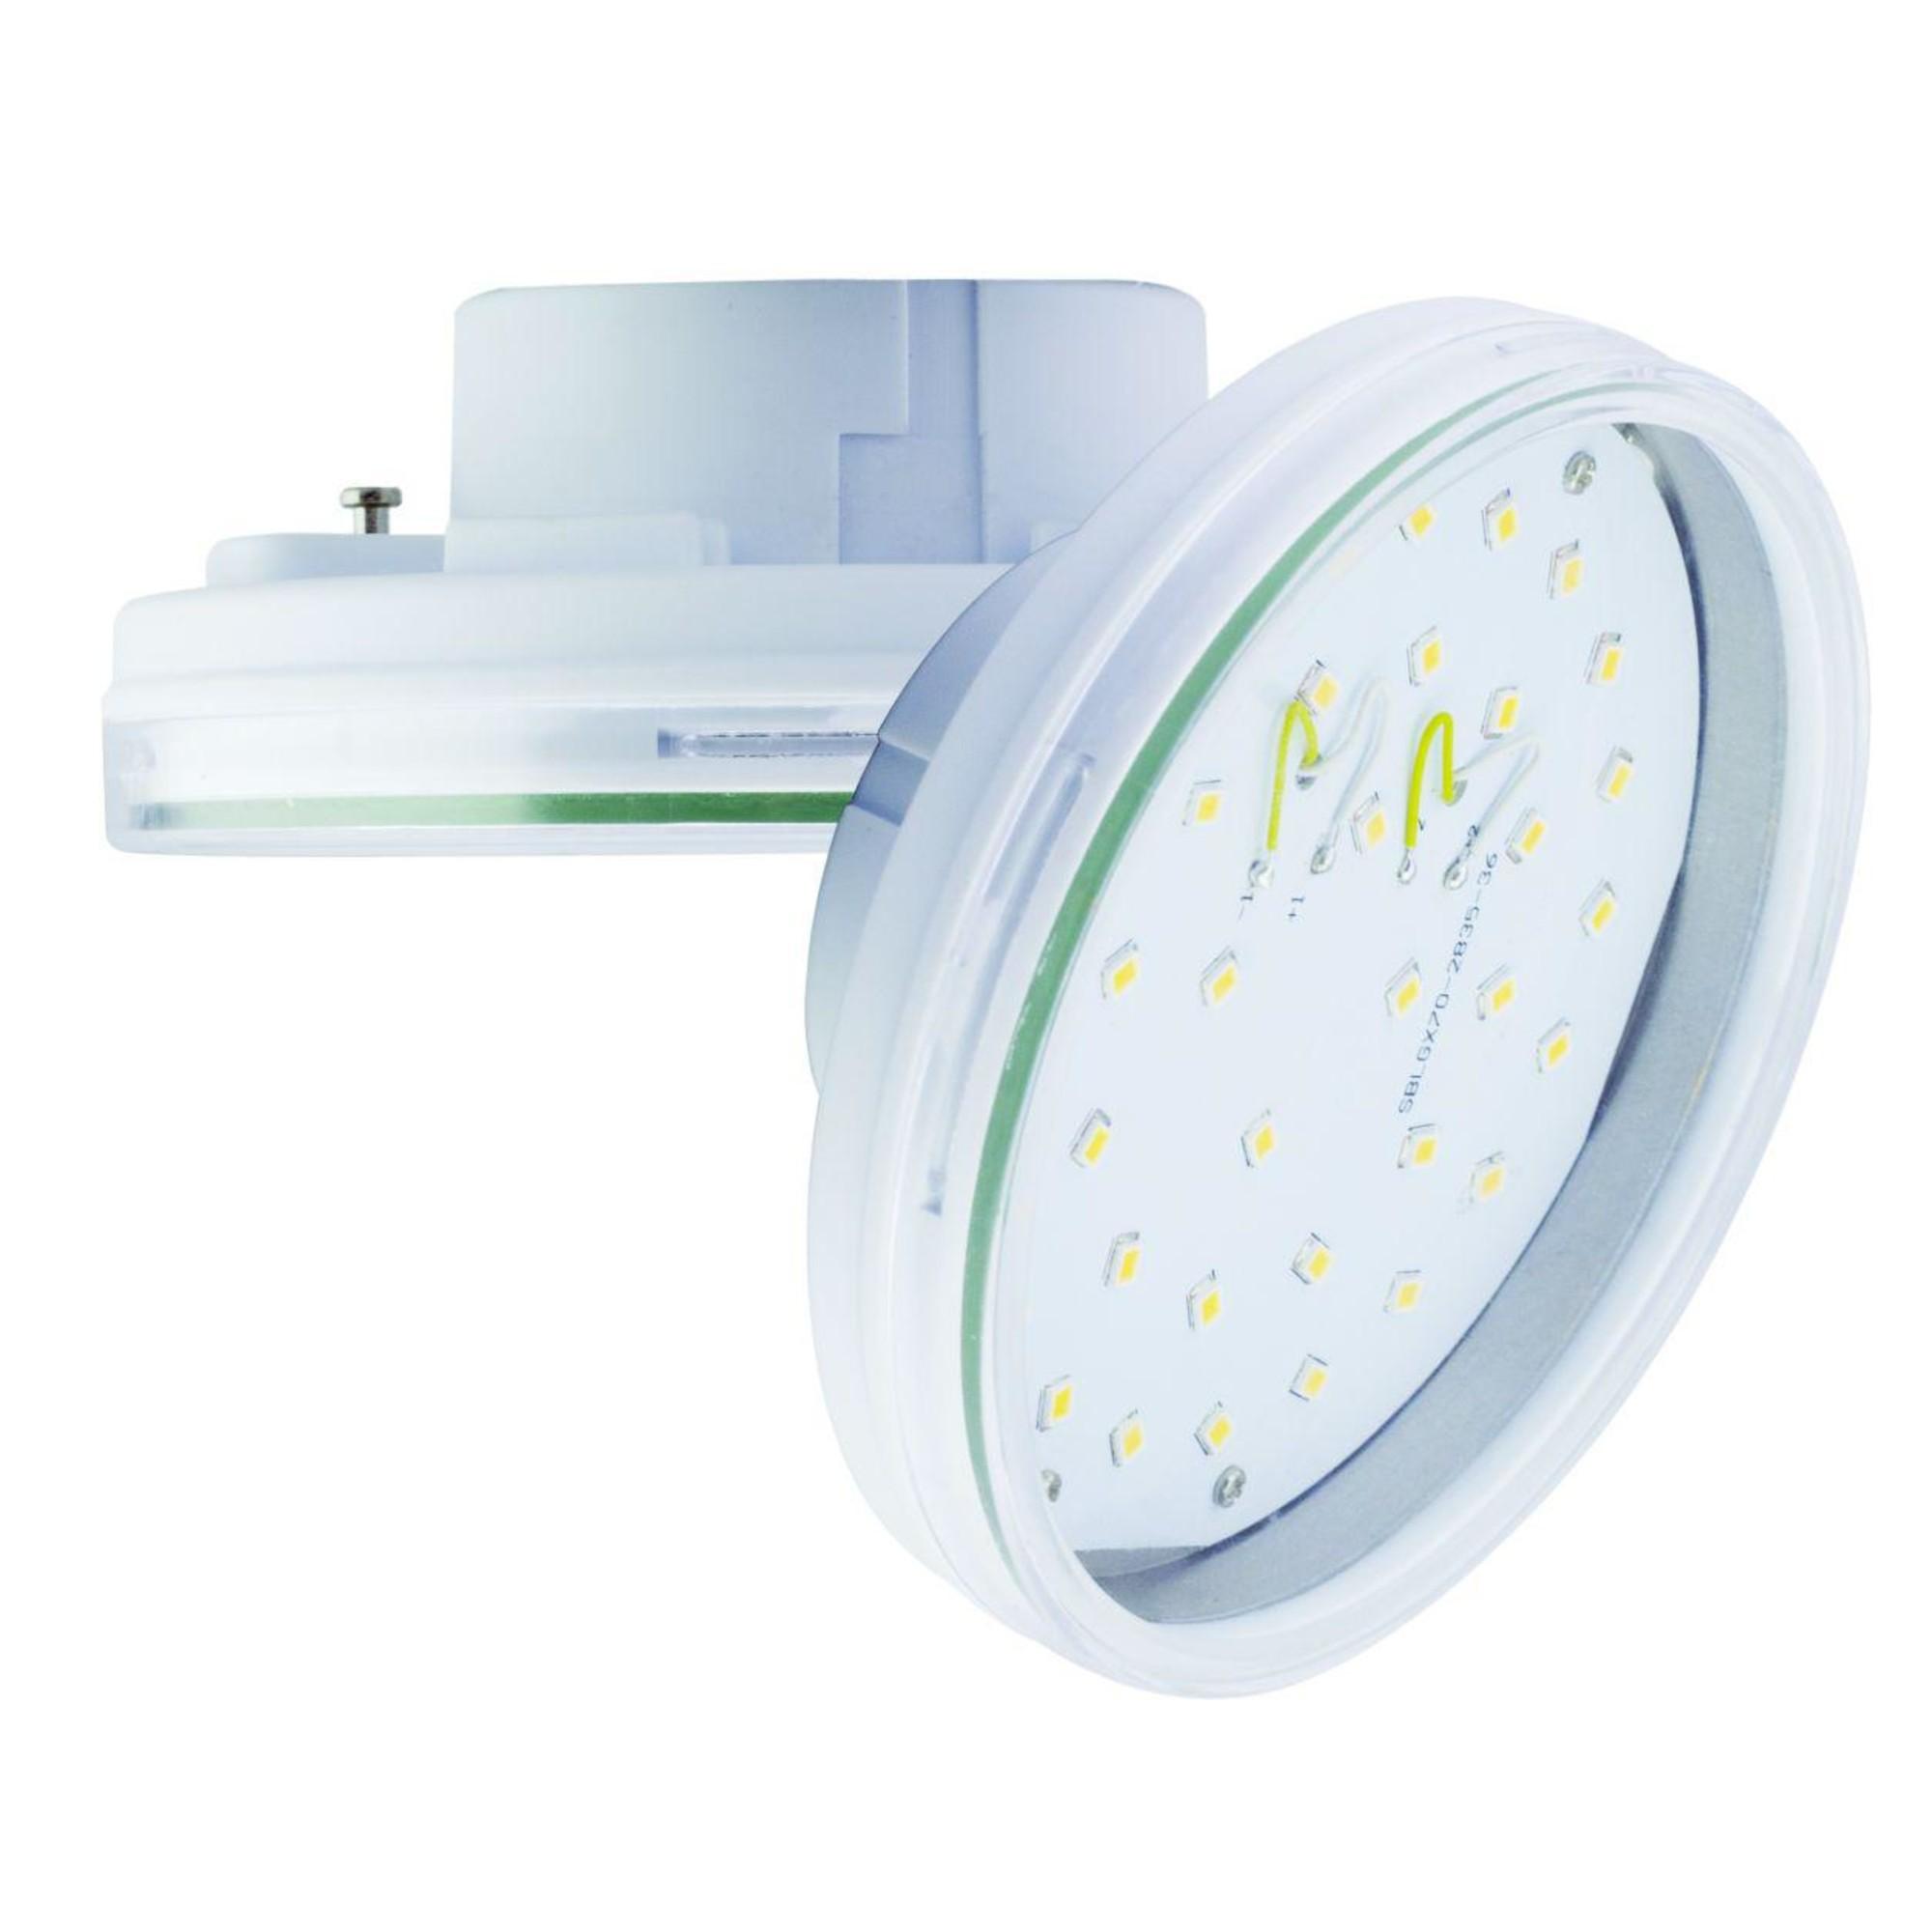 Лампа Ecola стандарт светодионая GX70 20 Вт таблетка 1600 Лм теплый свет